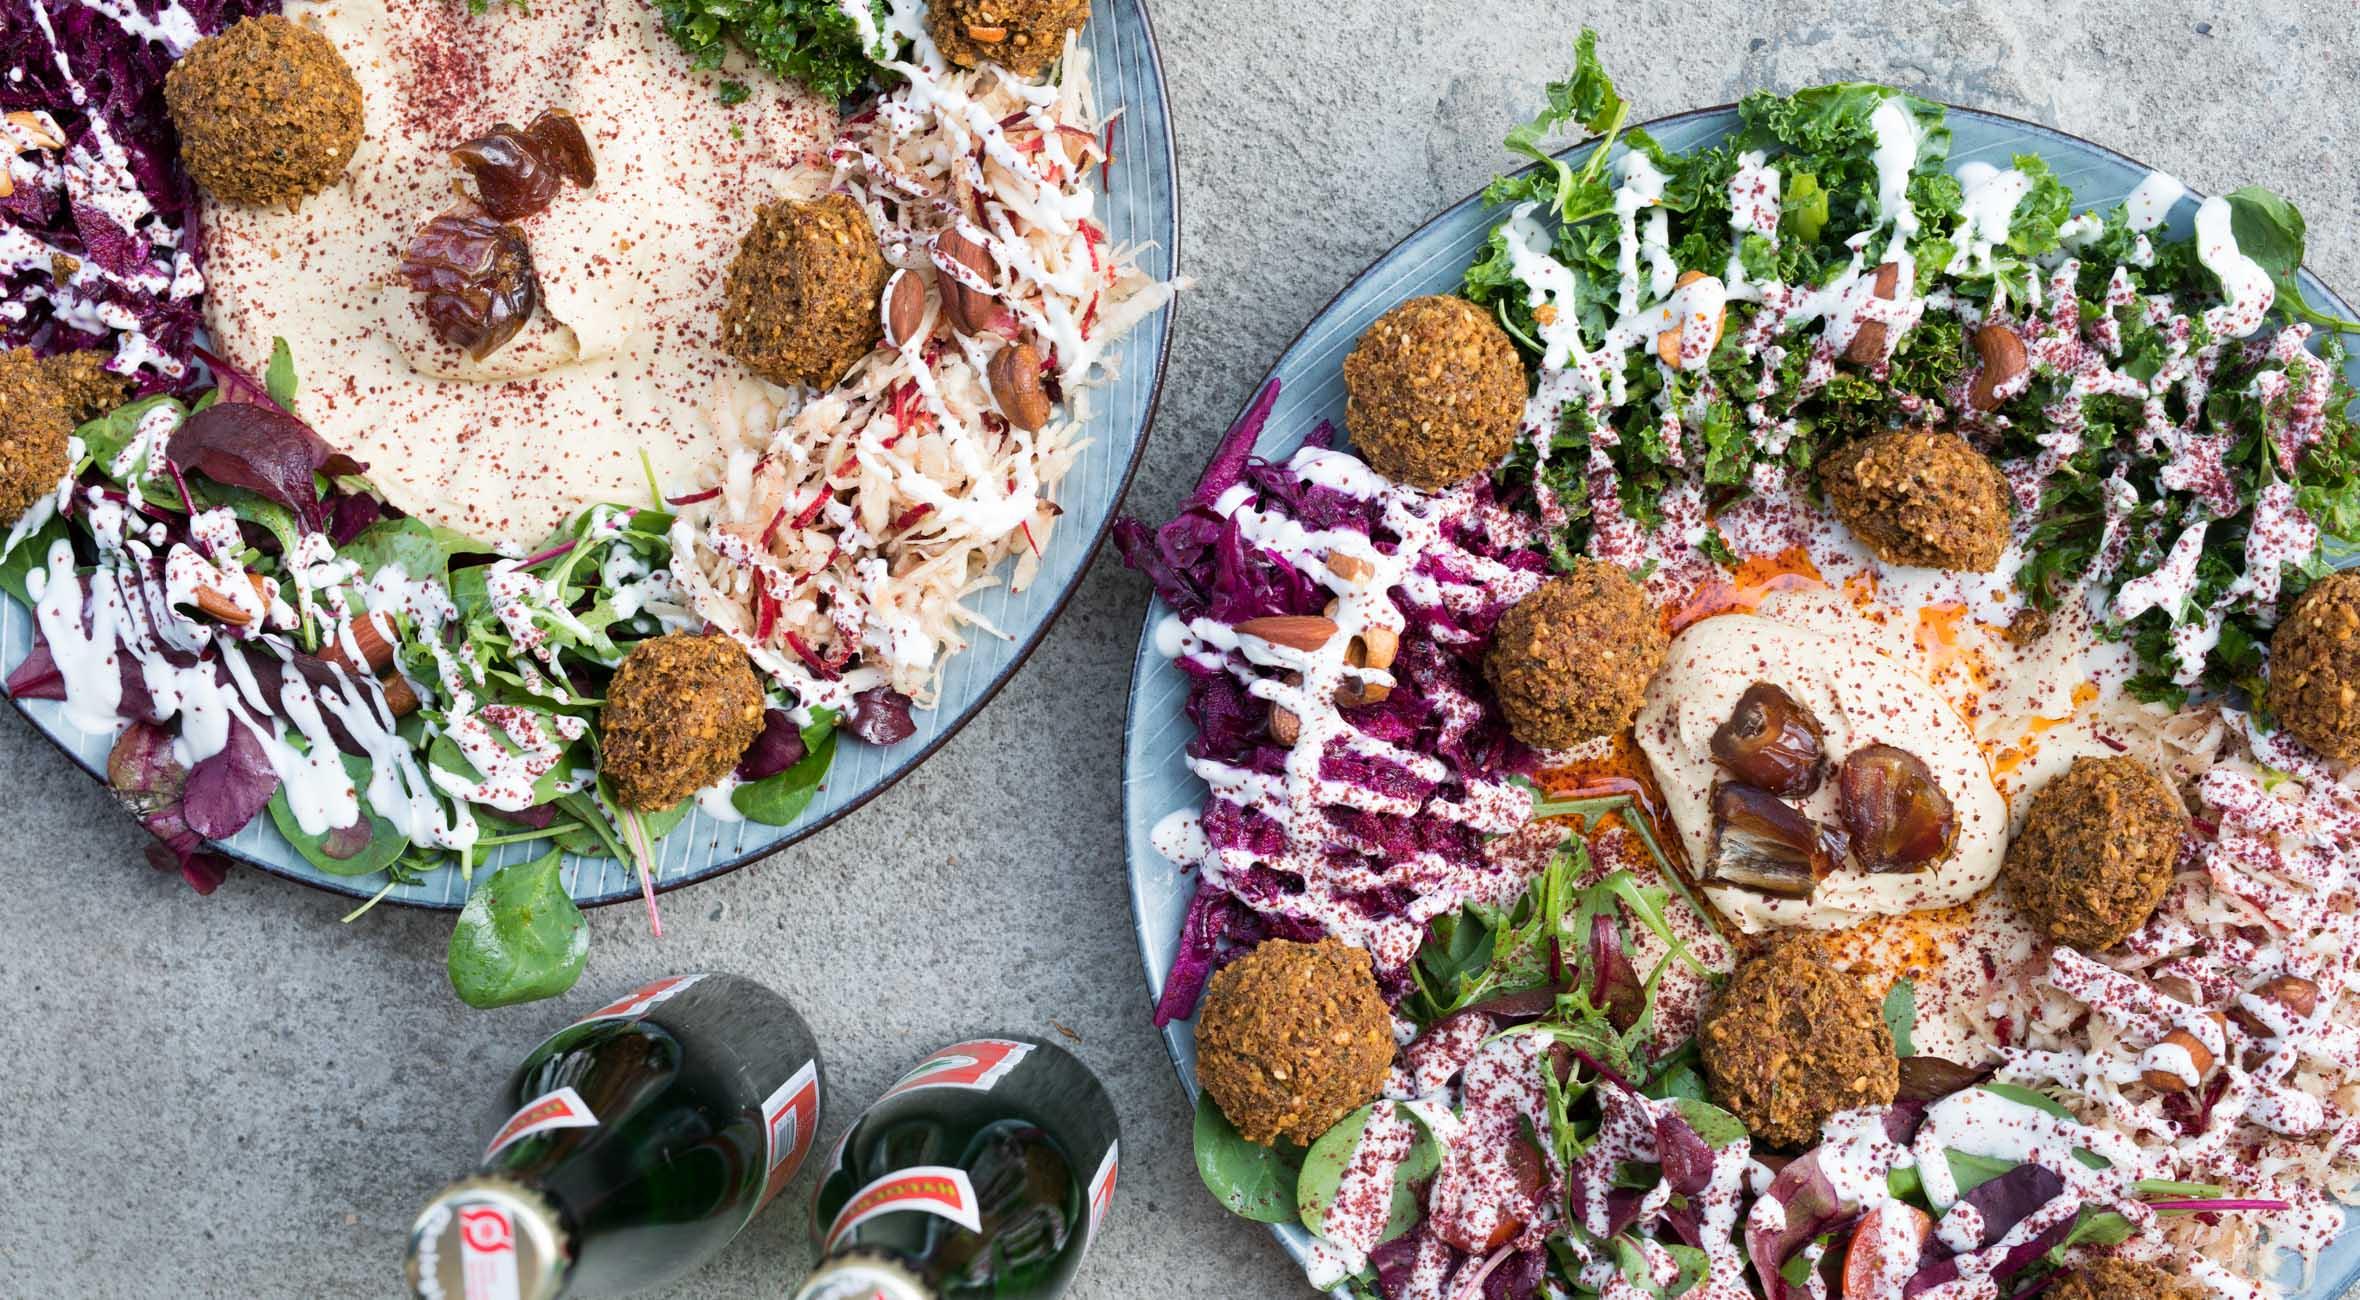 2 x falafelret + 2 x drikke hos Nordisk Falafel – Vegetarer & veganere valfarter til hip falafelbar